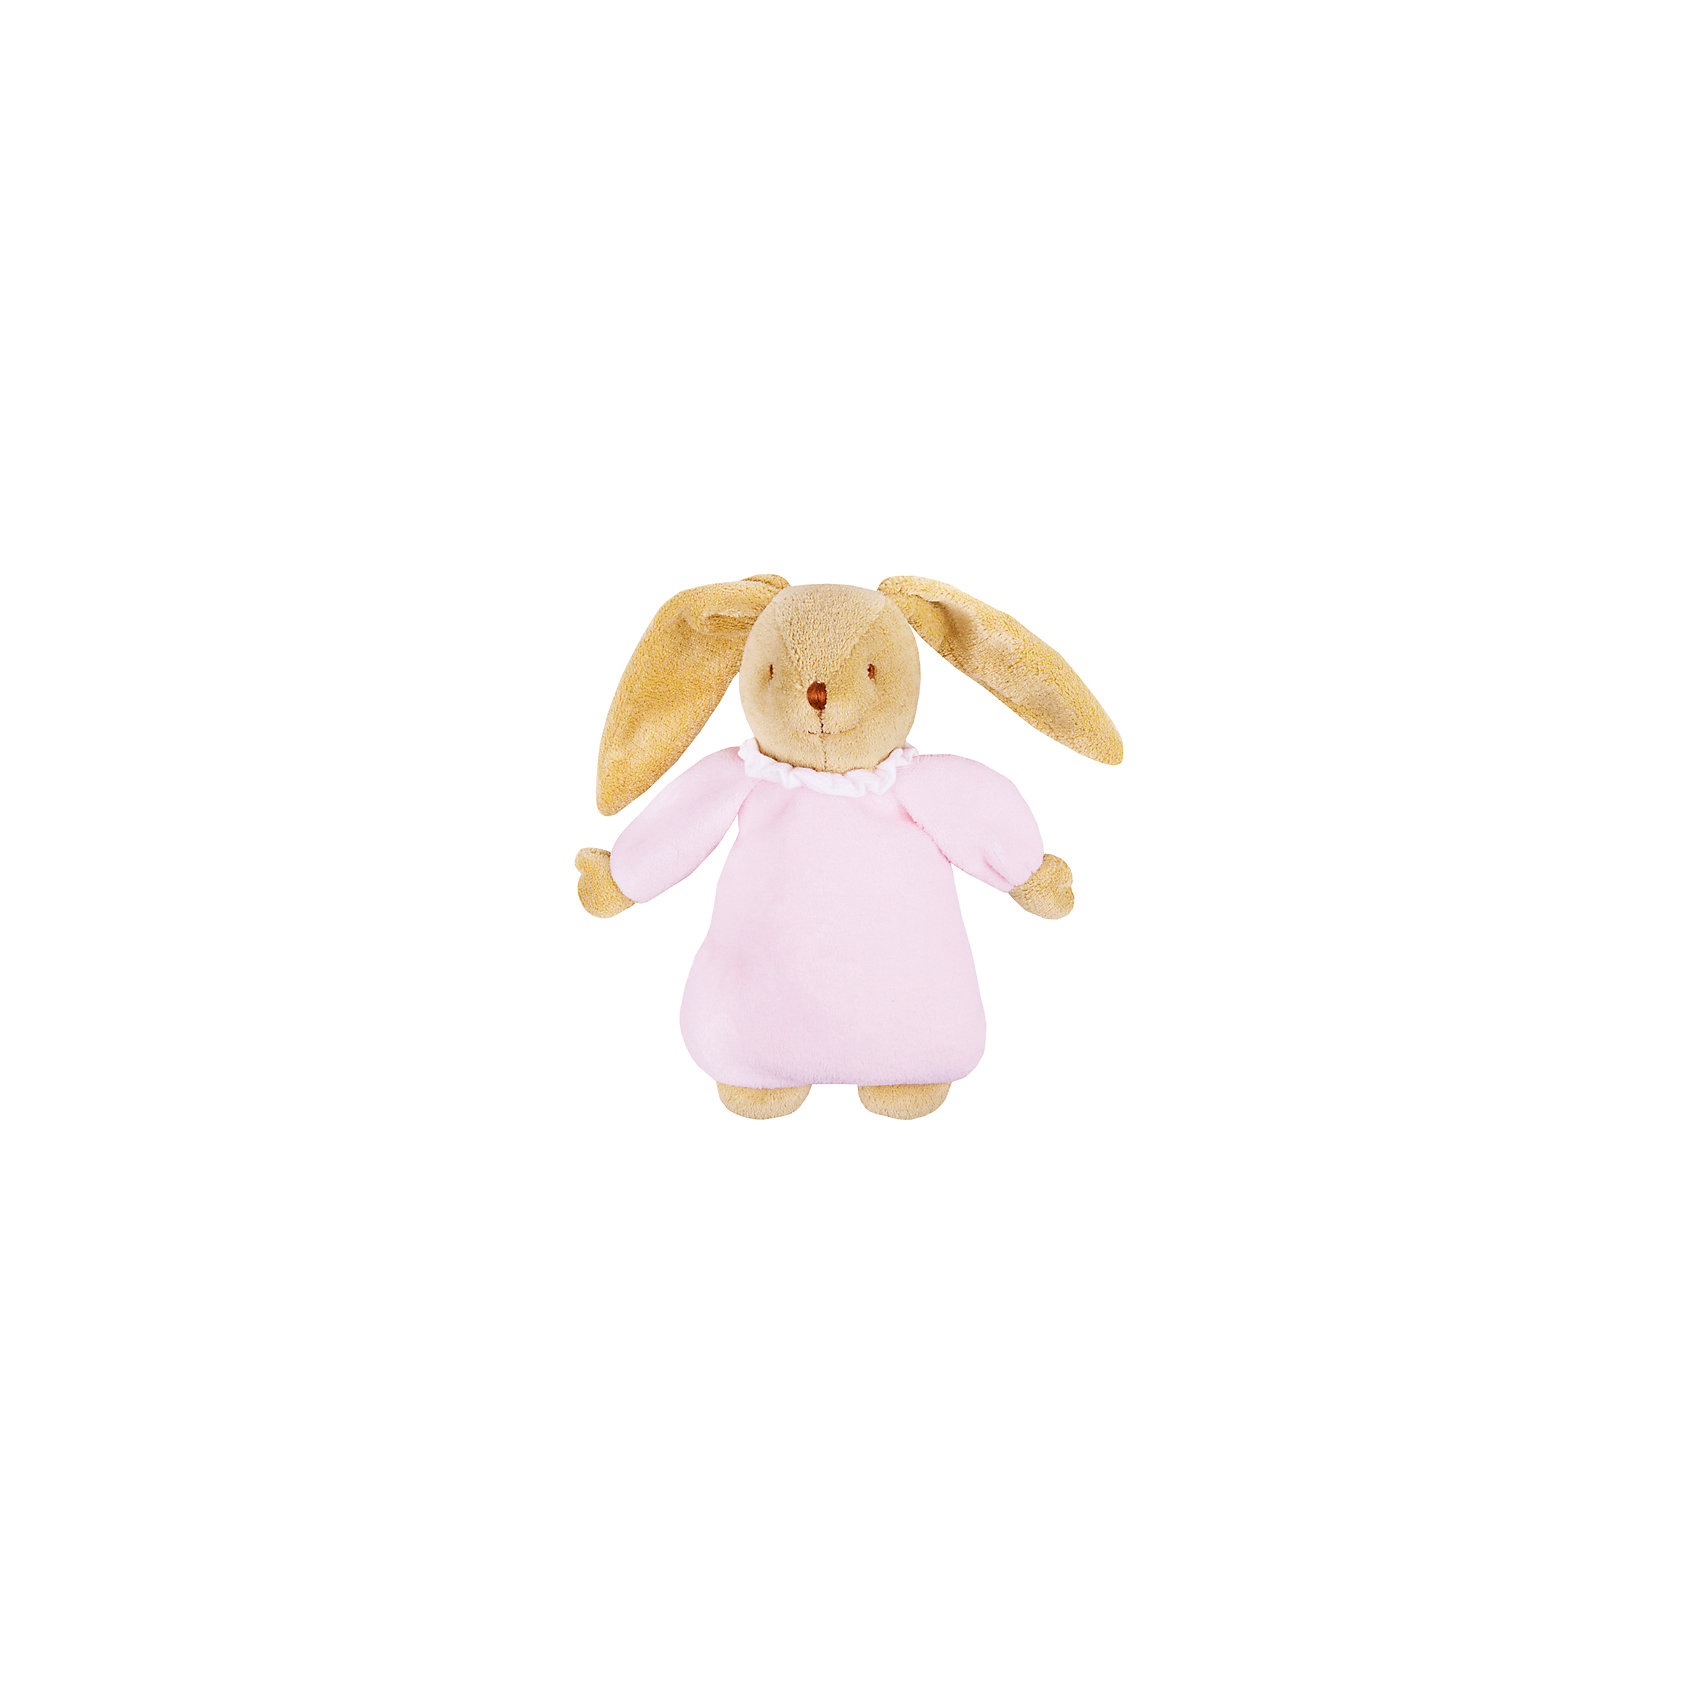 TROUSSELIER Мягкая игрушка Зайка с музыкой, розовый, 25см, Trousselier trousselier музыкальная мини шарманка elmer© trousselier